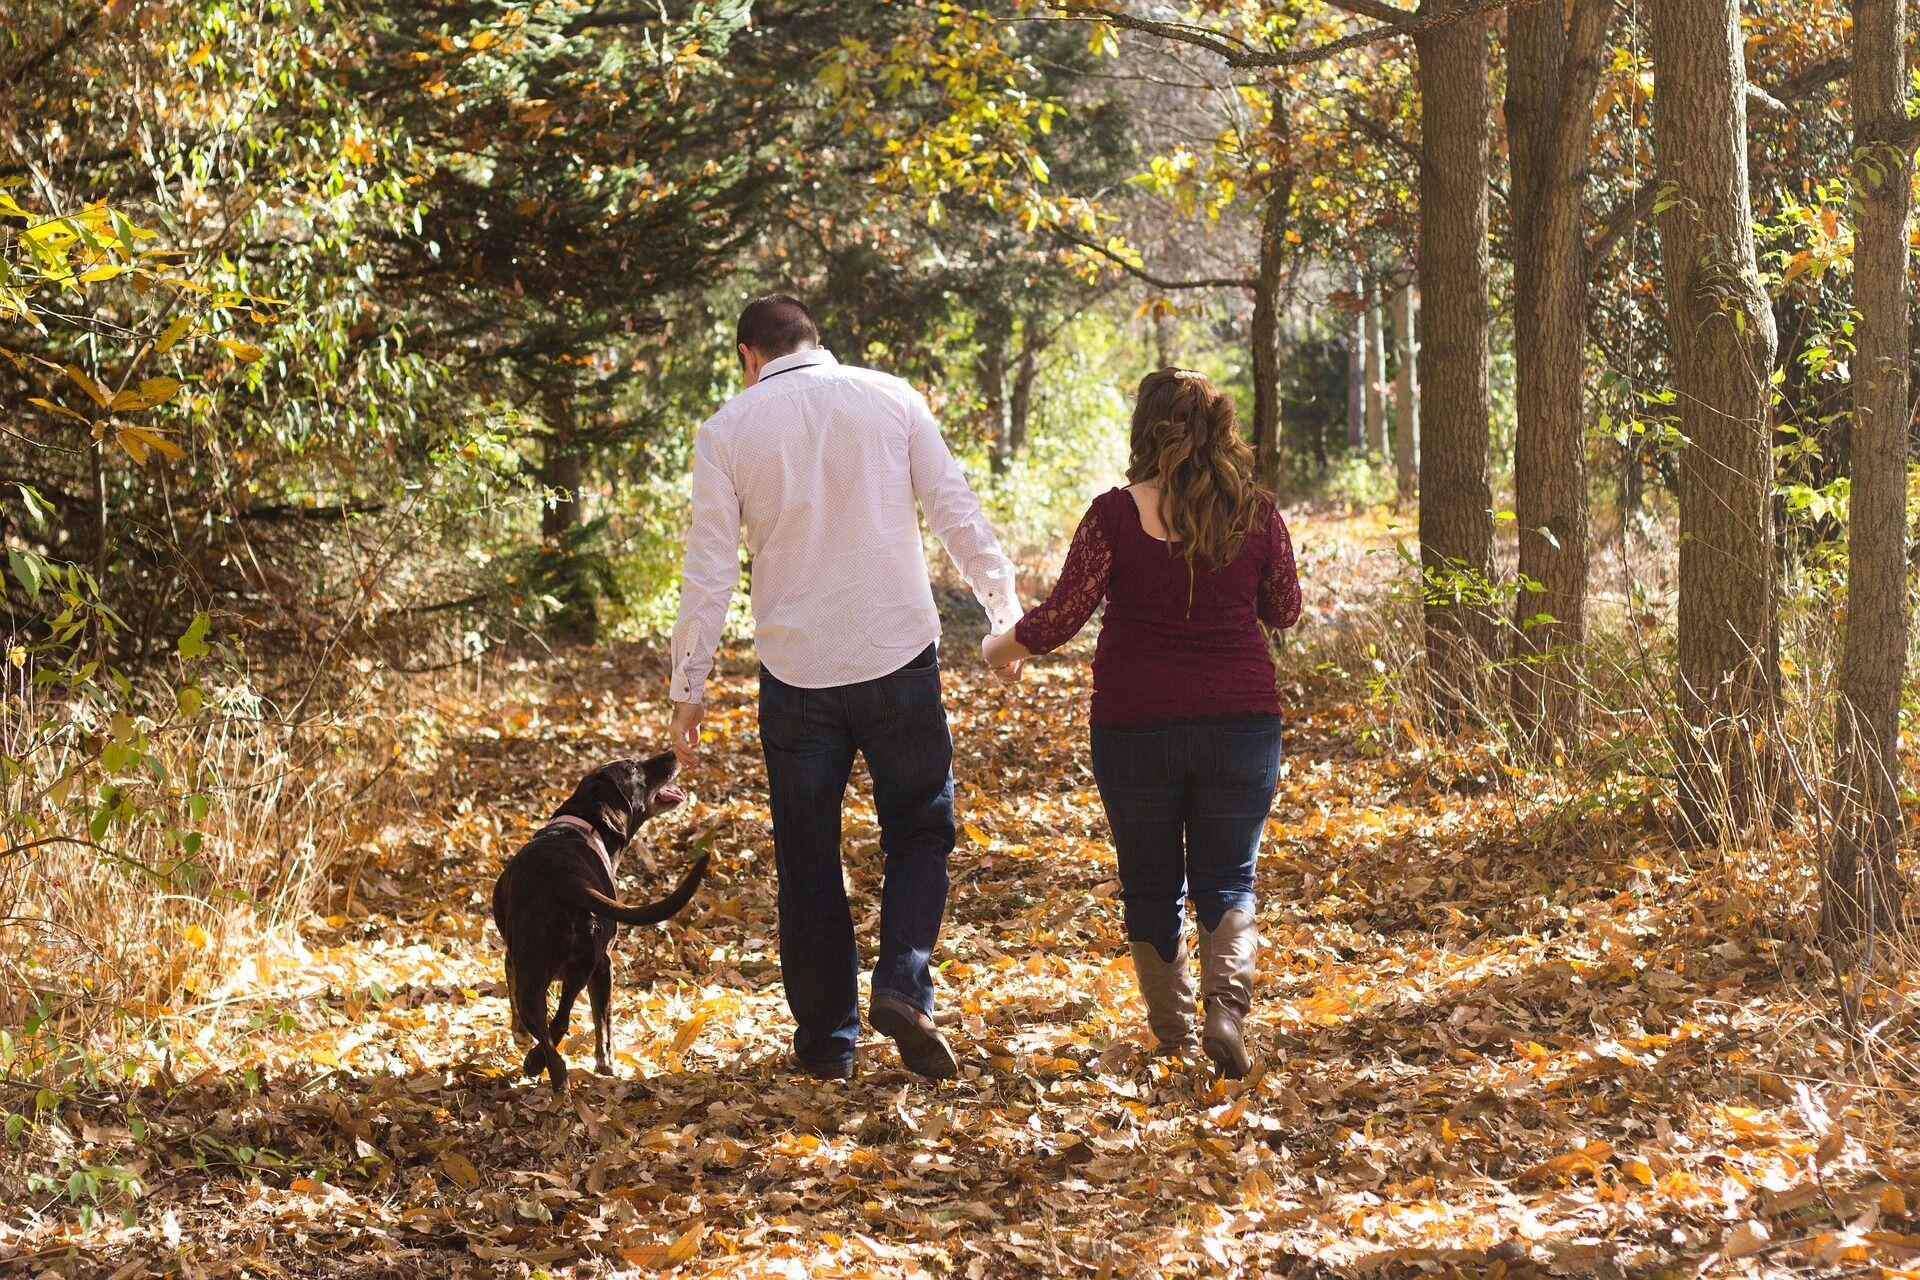 День прогулки с собакой 22 февраля: лучшие картинки и поздравления в прозе